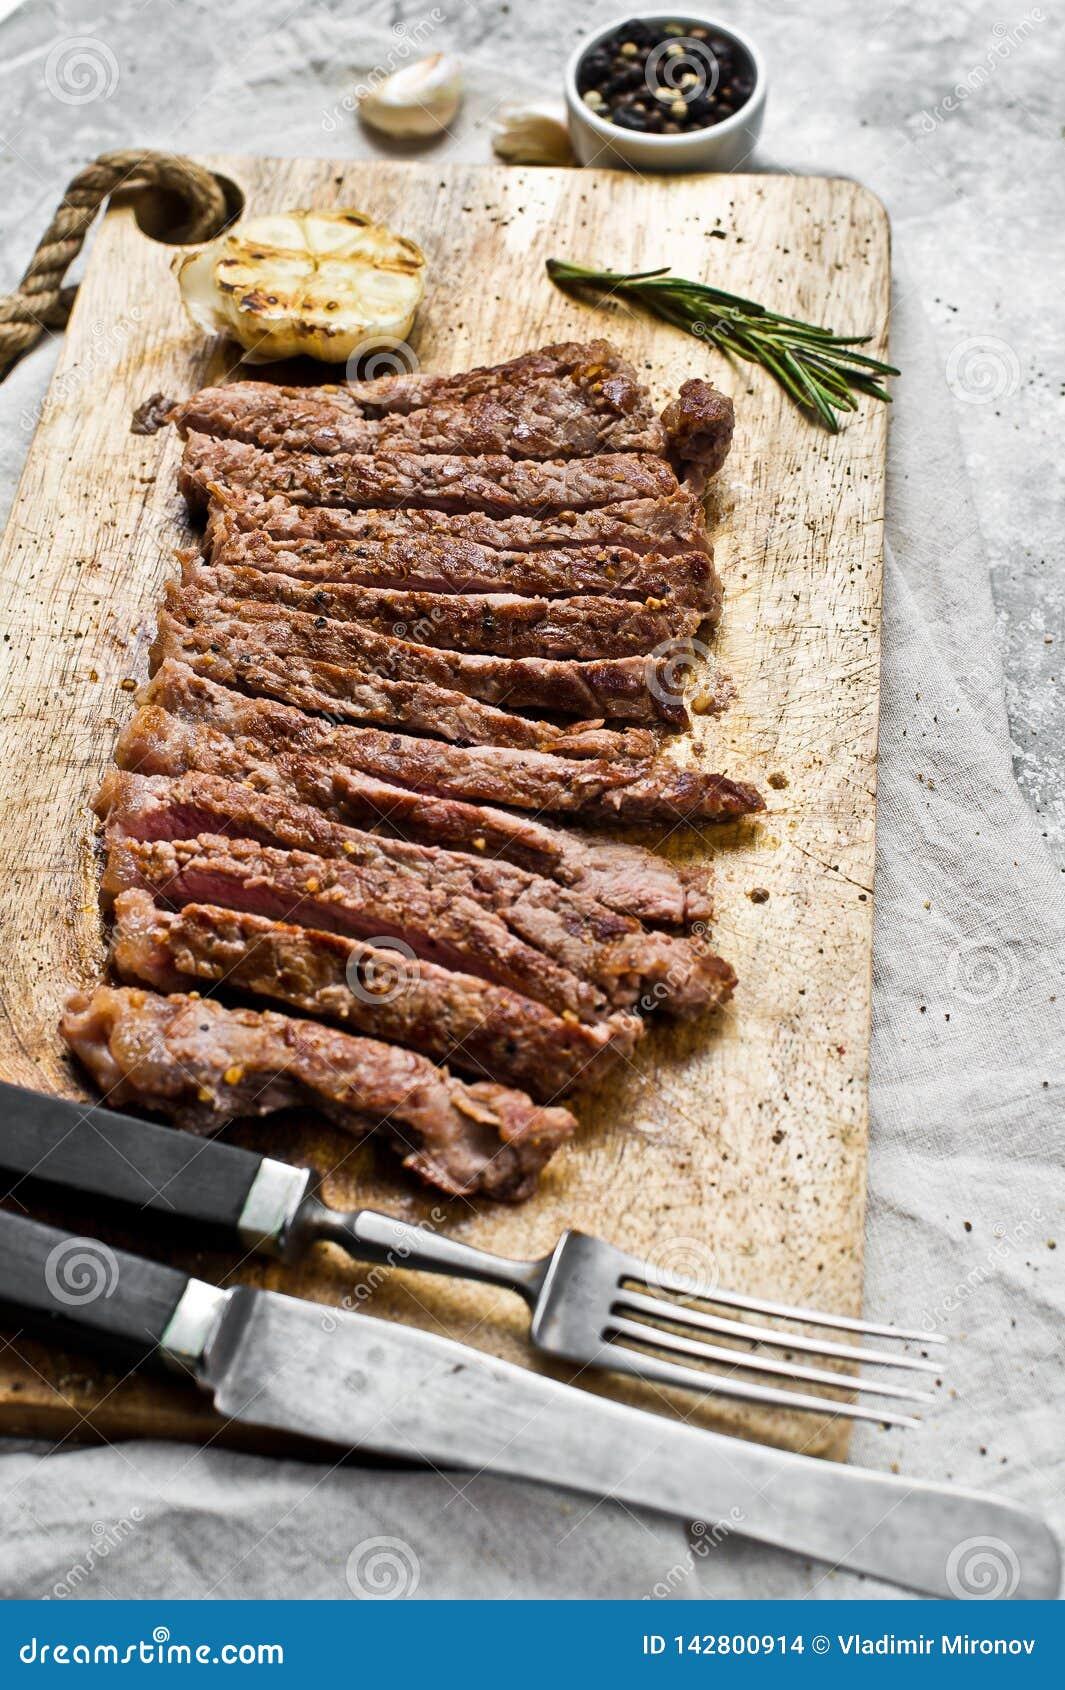 在一块木砧板的牛后腹肉排 灰色背景,顶视图,文本的空间